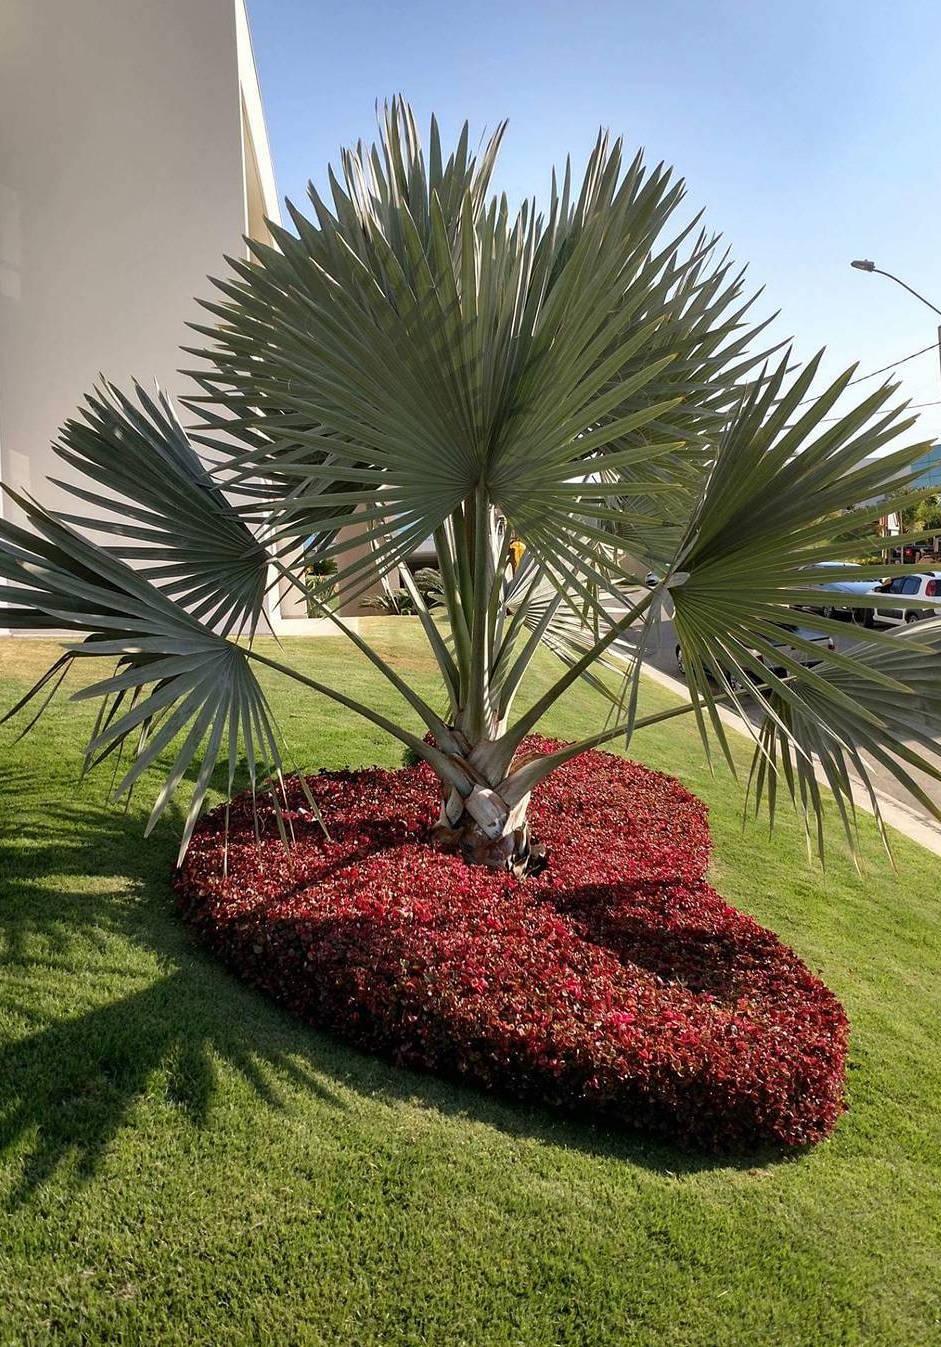 Sob a sombra da palmeira azul um belo canteiro de formas arredondadas repleto de iresines vermelhas